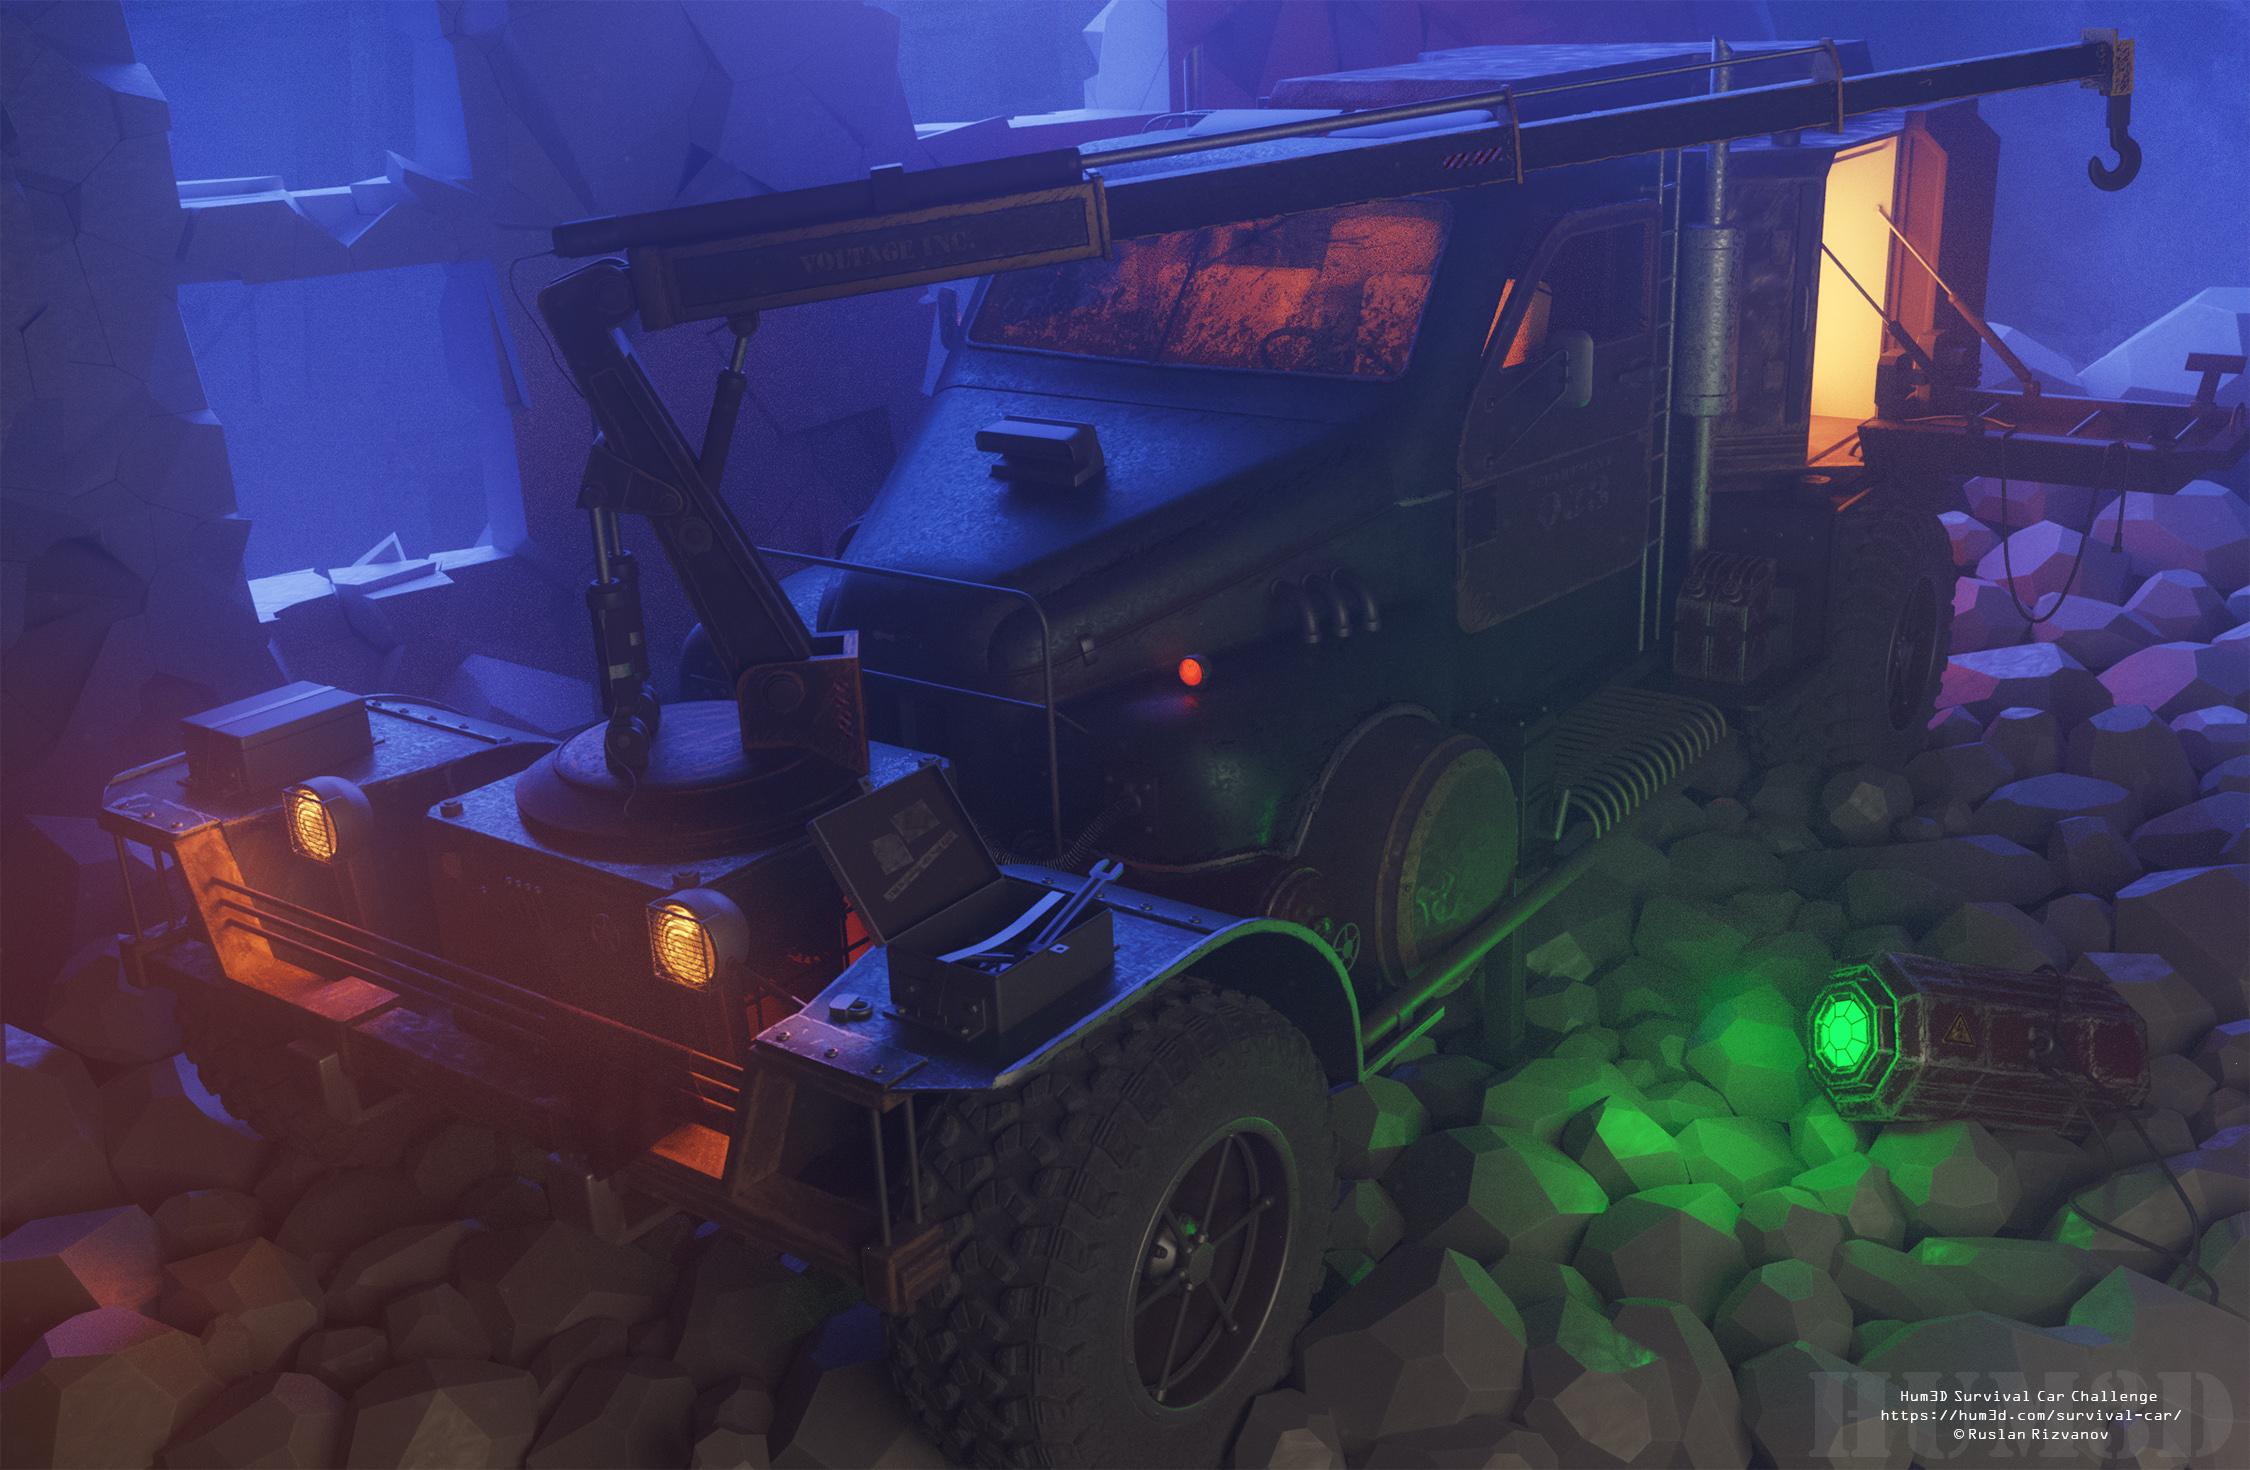 The Battery Harvester 3d art